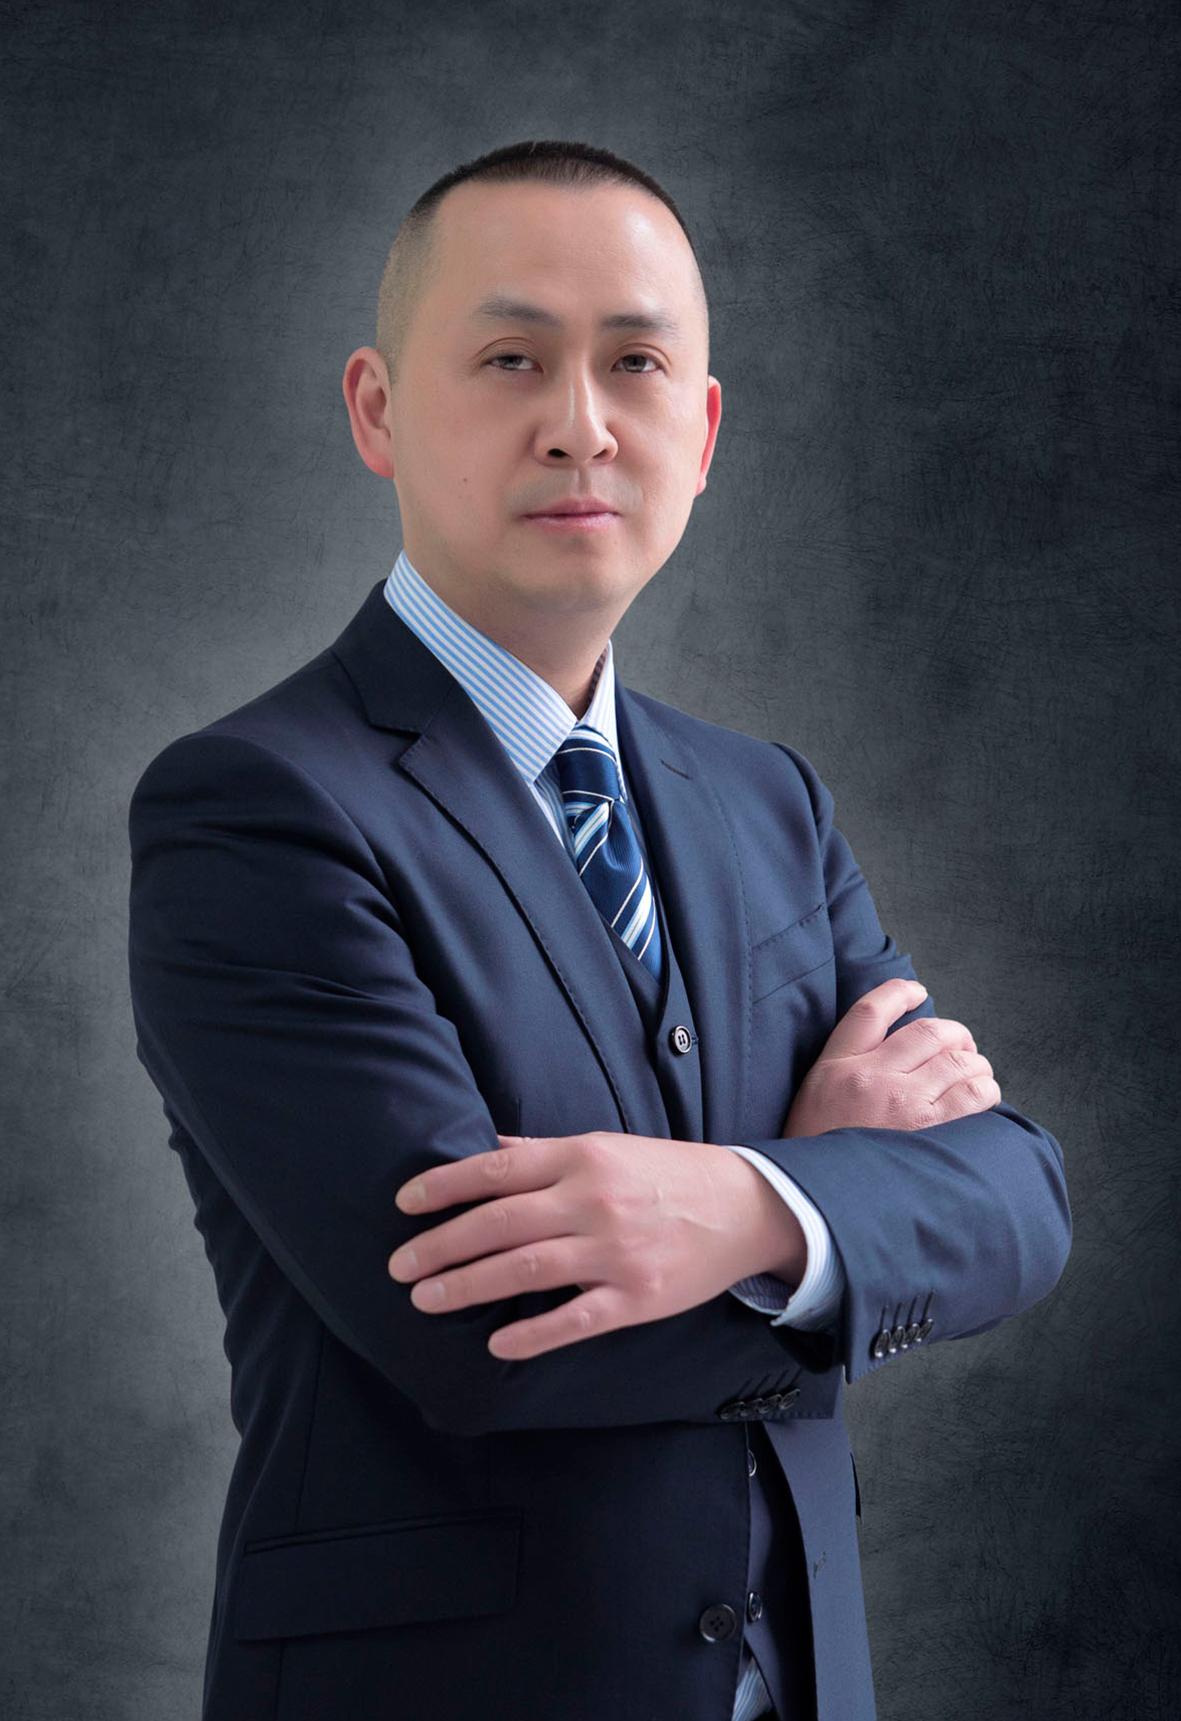 张帆一总经理、咨询委员会 招标/工程类咨询师